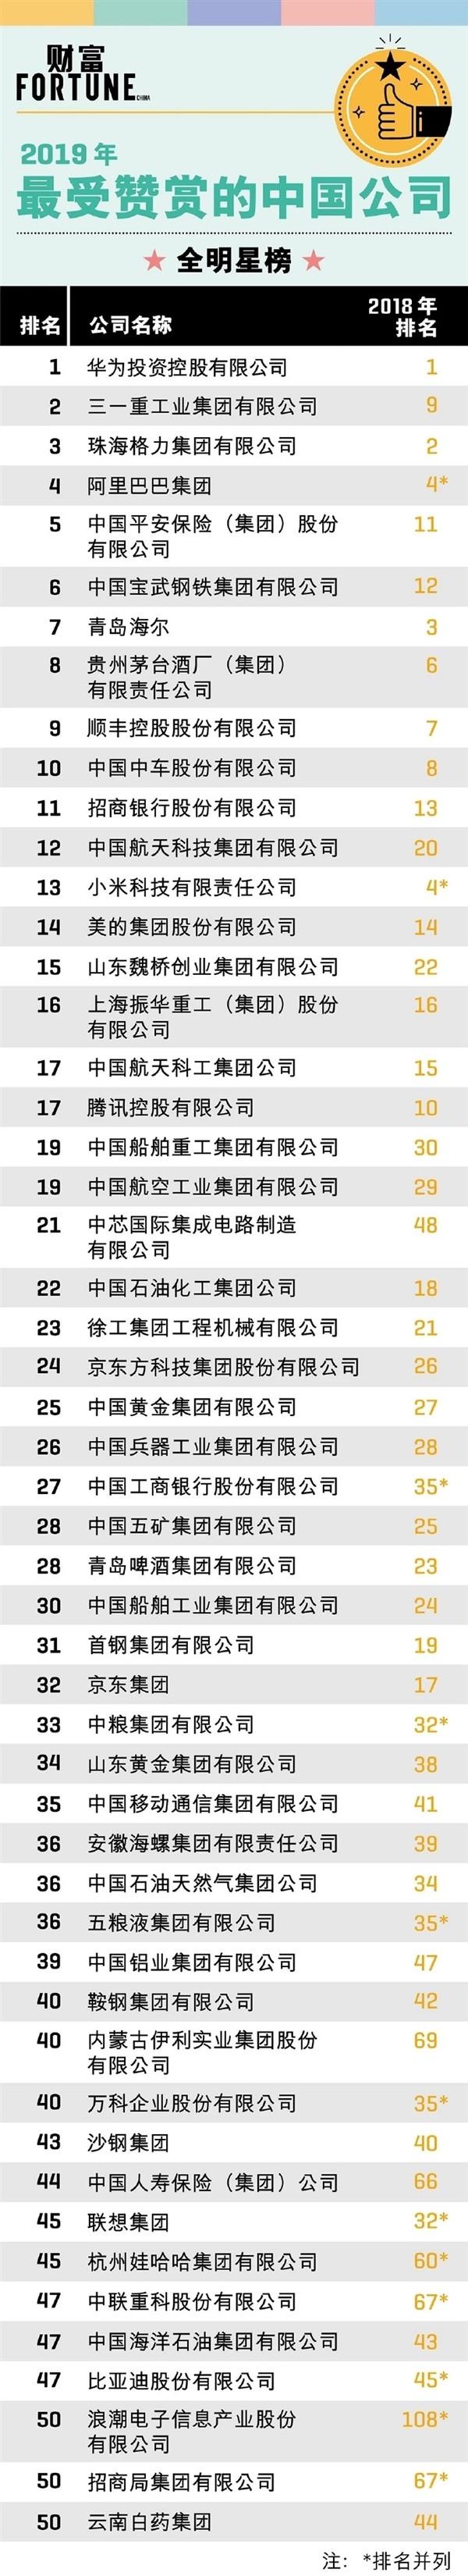 2019年最受赞赏的中国公司排行榜 华为荣登榜首2019年最受赞赏的中国公司排行榜 华为荣登榜首